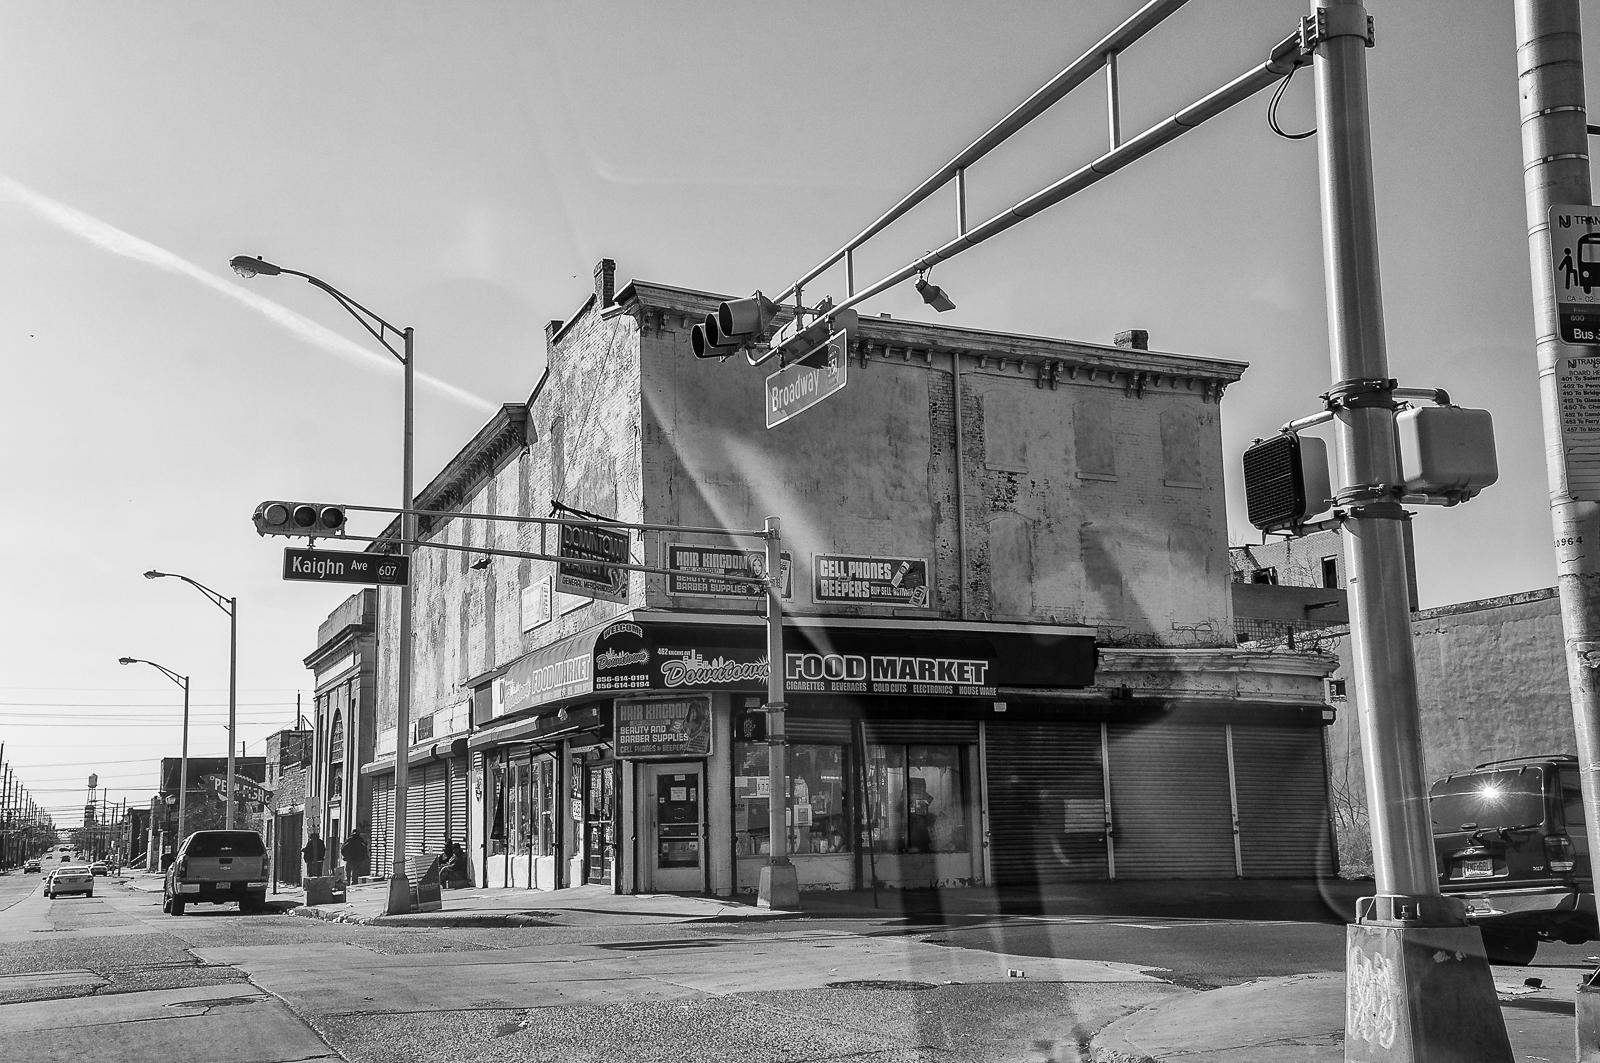 Canden Street 1 Photograph